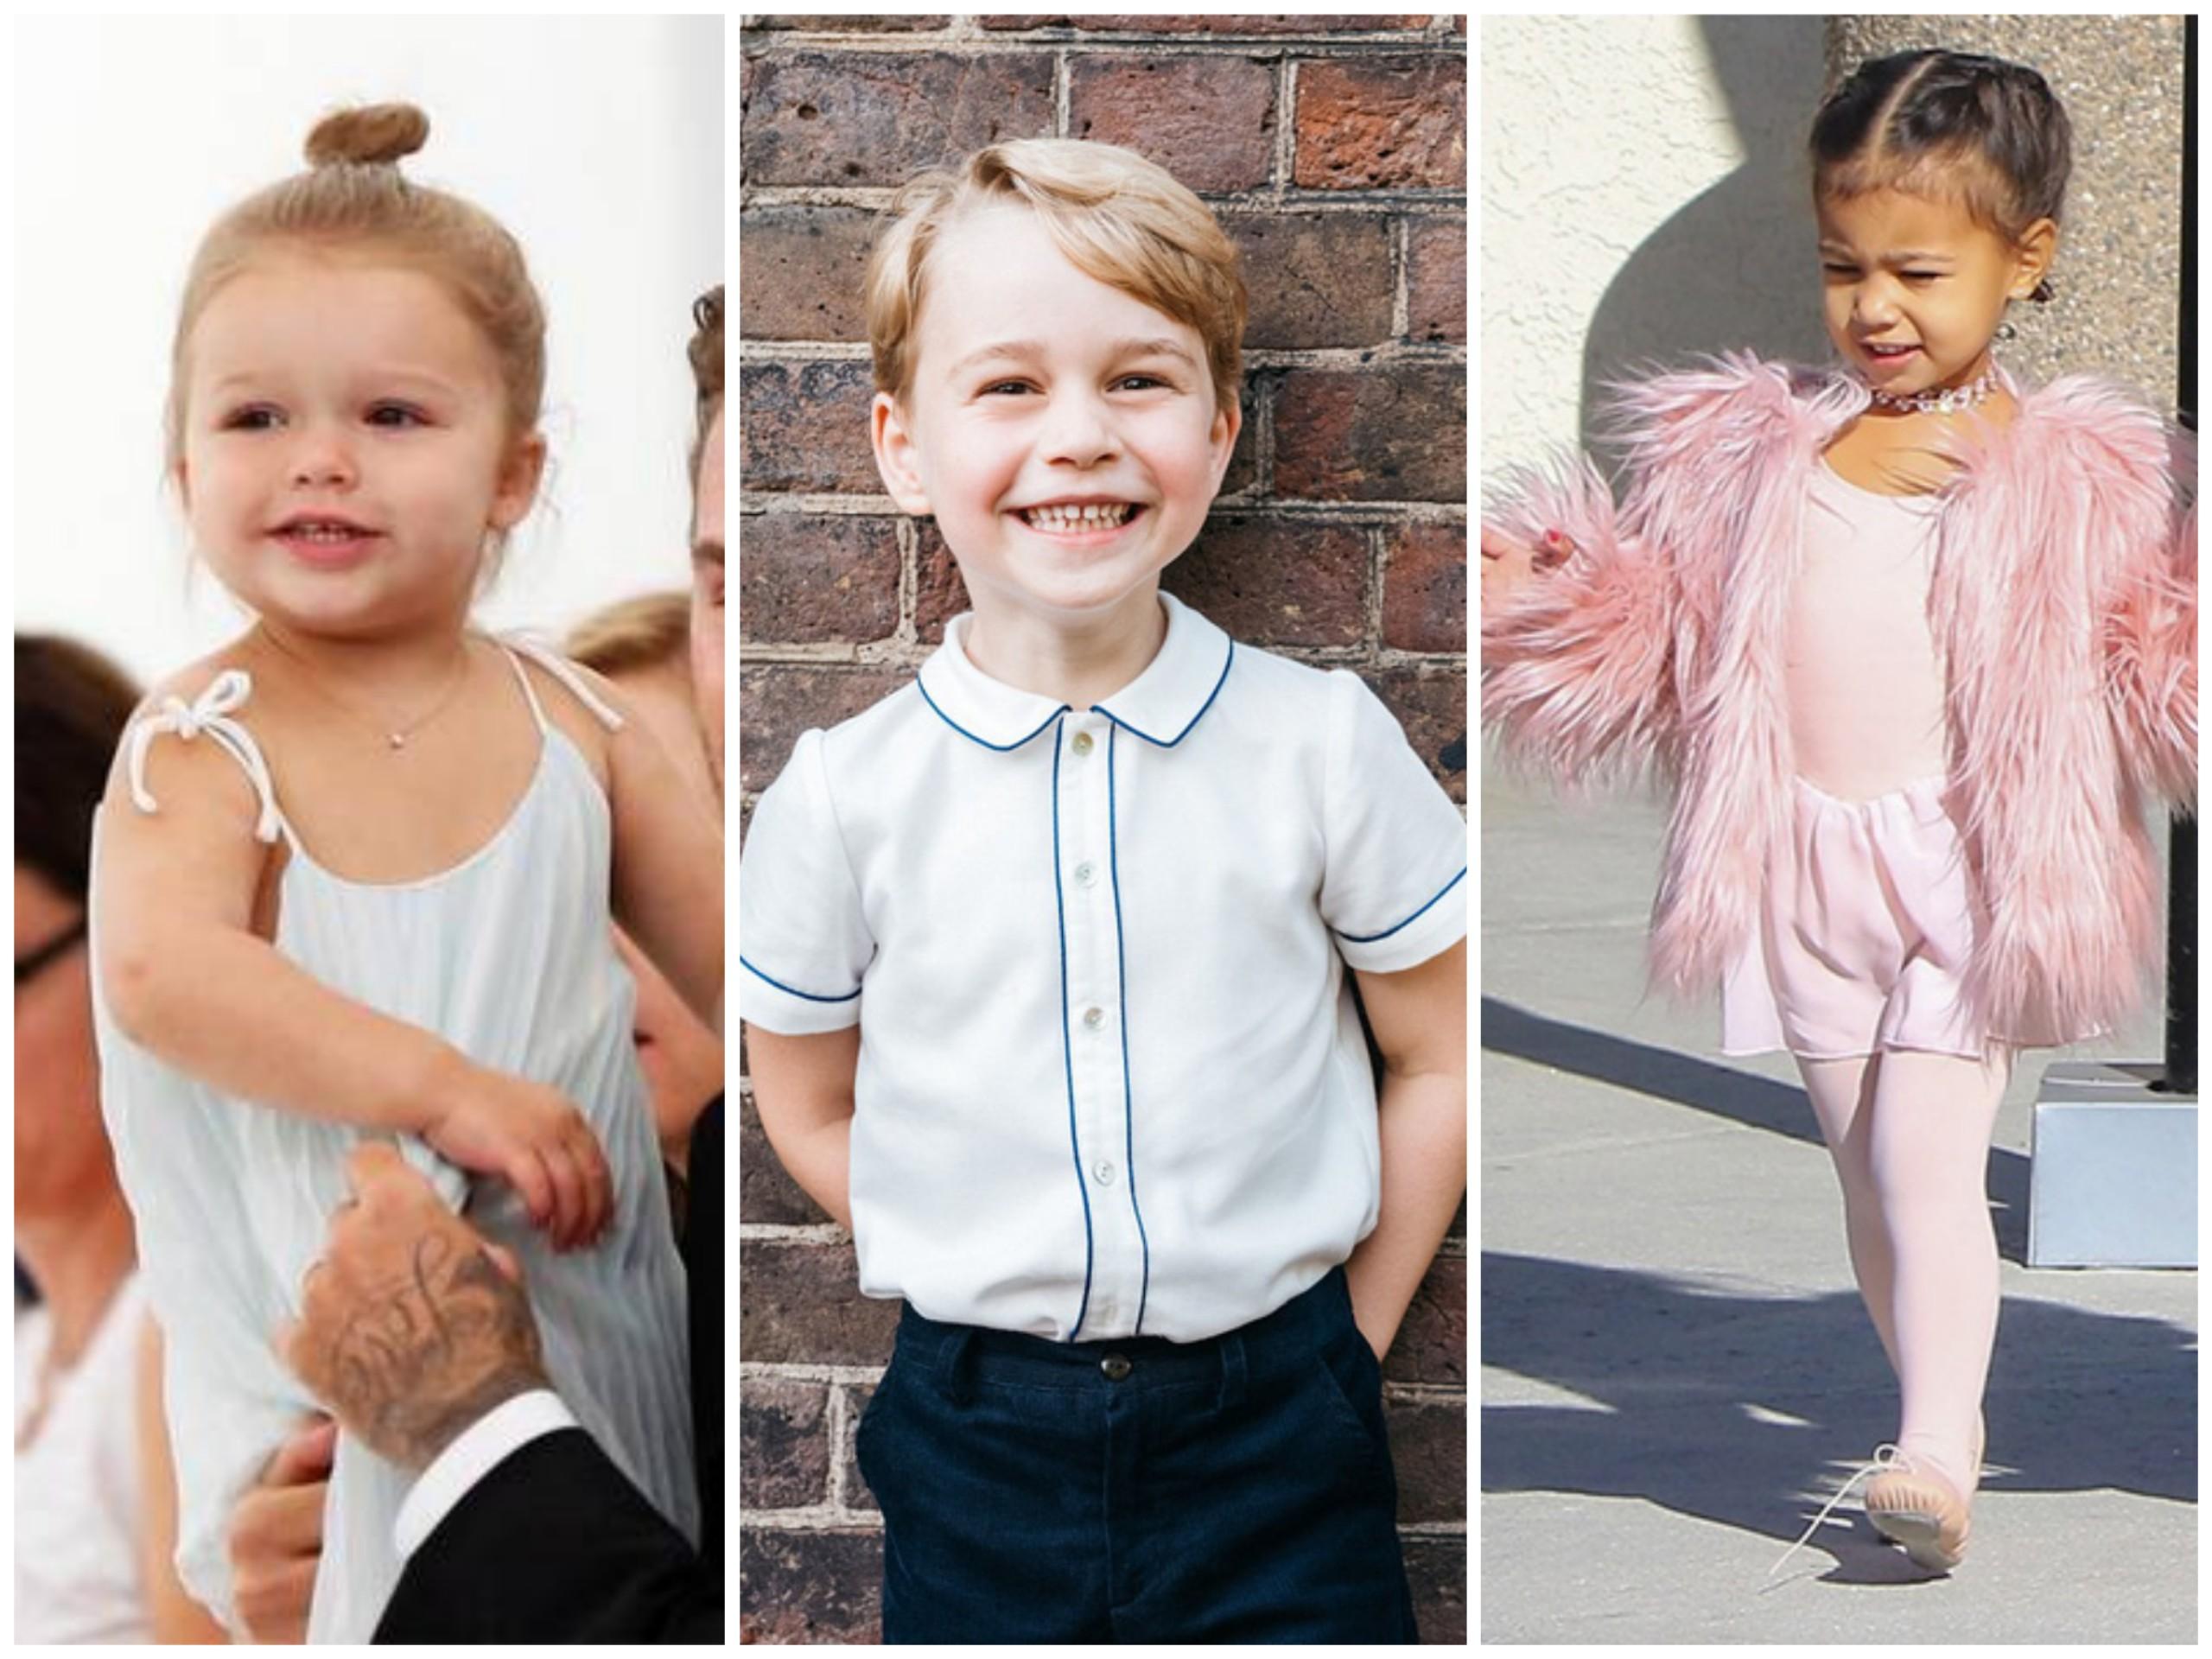 """Phong cách thời trang cực đẳng cấp của những """"Thiên thần nhỏ"""" nổi tiếng thế giới"""